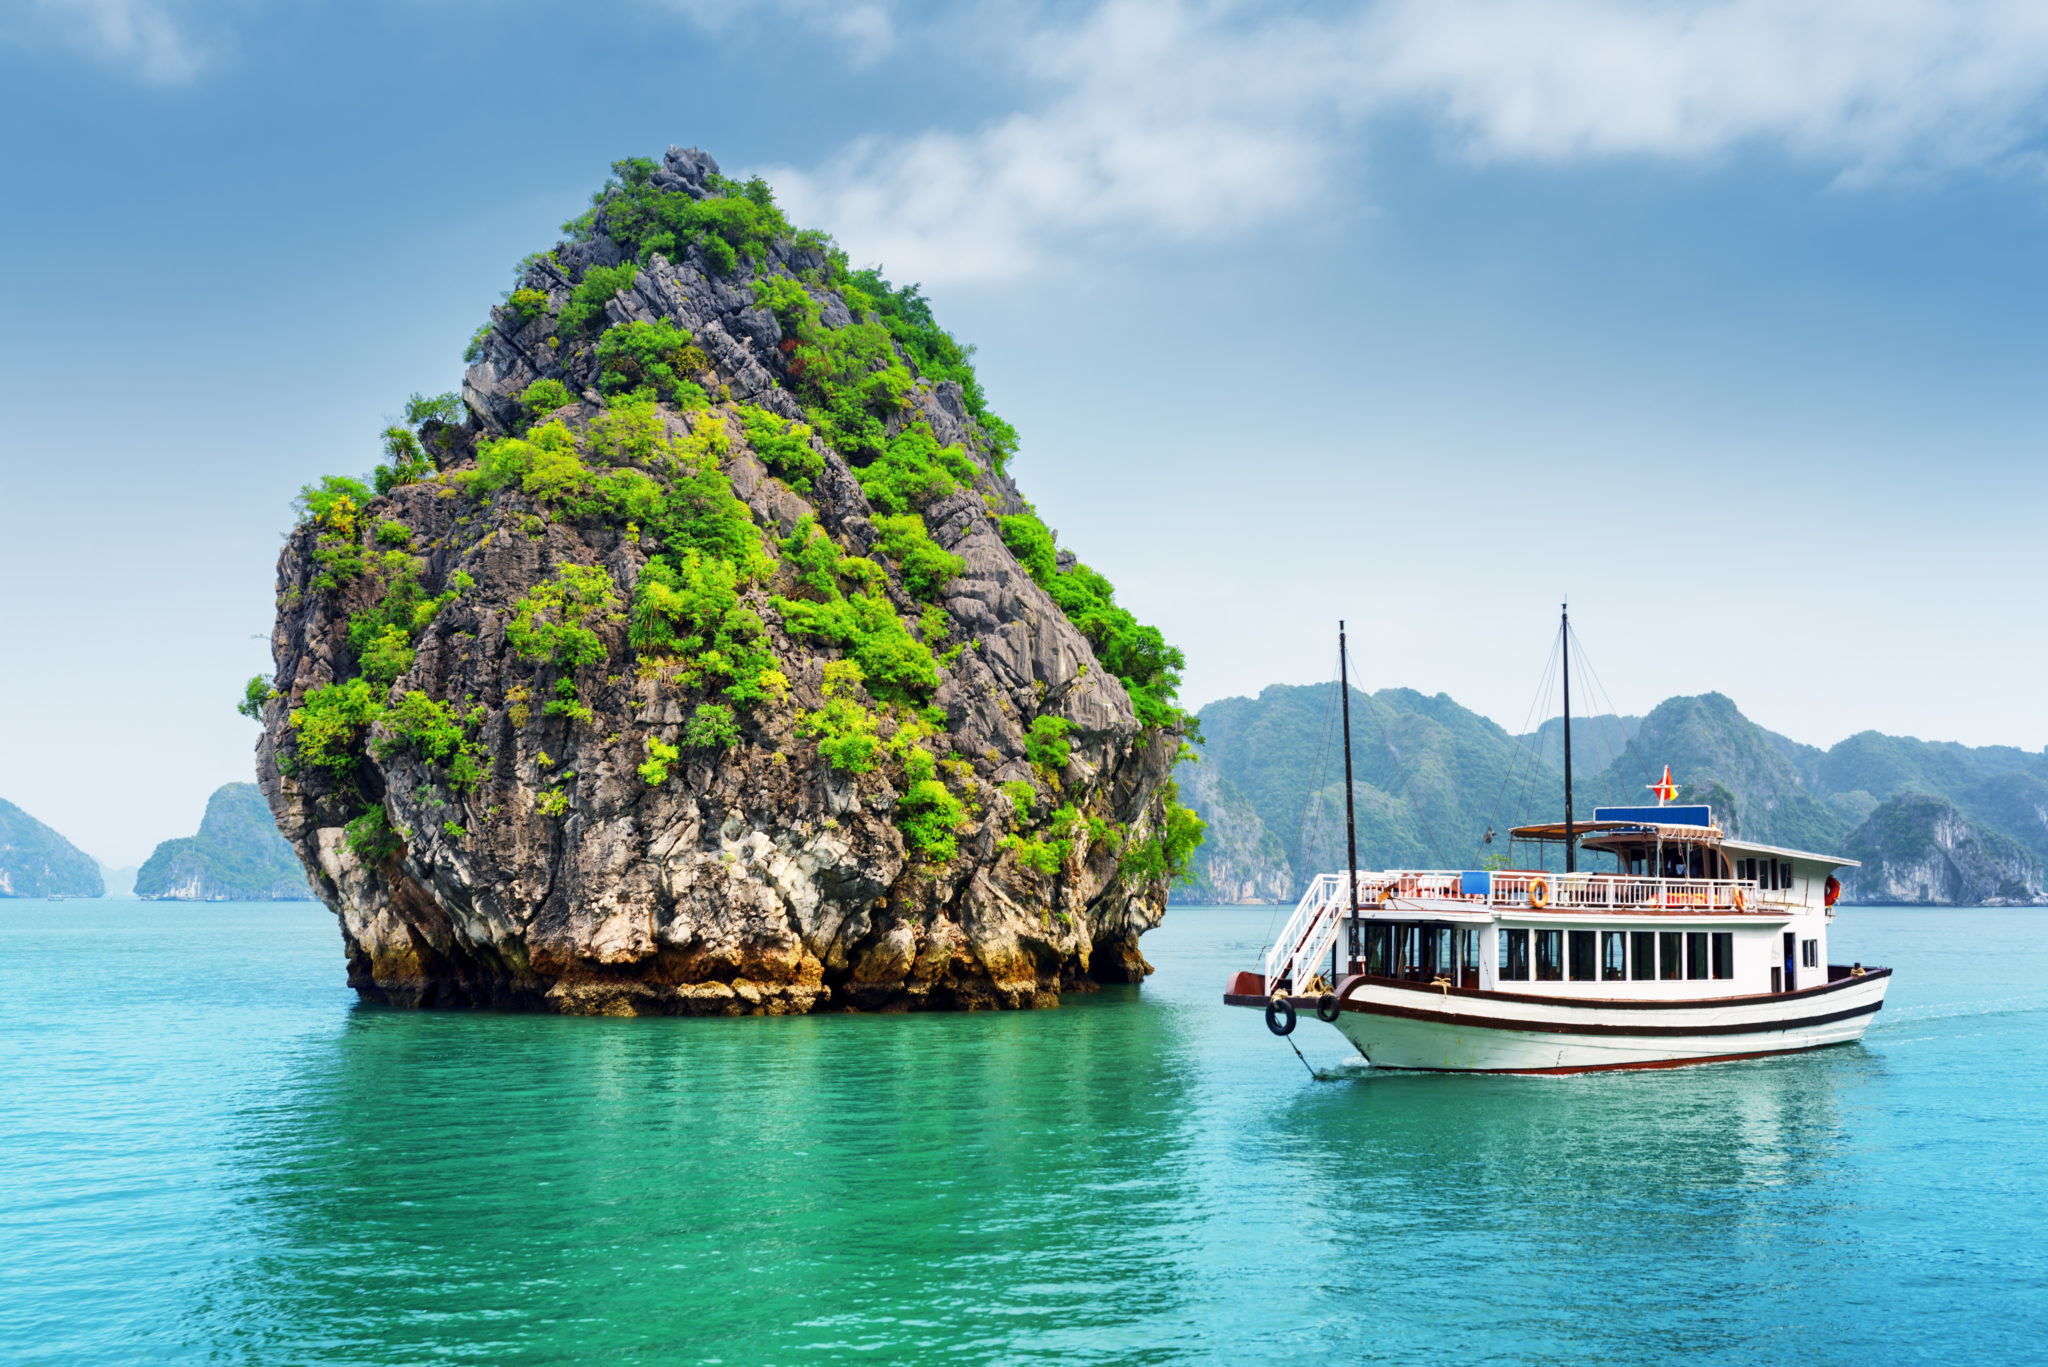 Во Вьетнам на неделю: как добраться, что посмотреть и чем заняться?